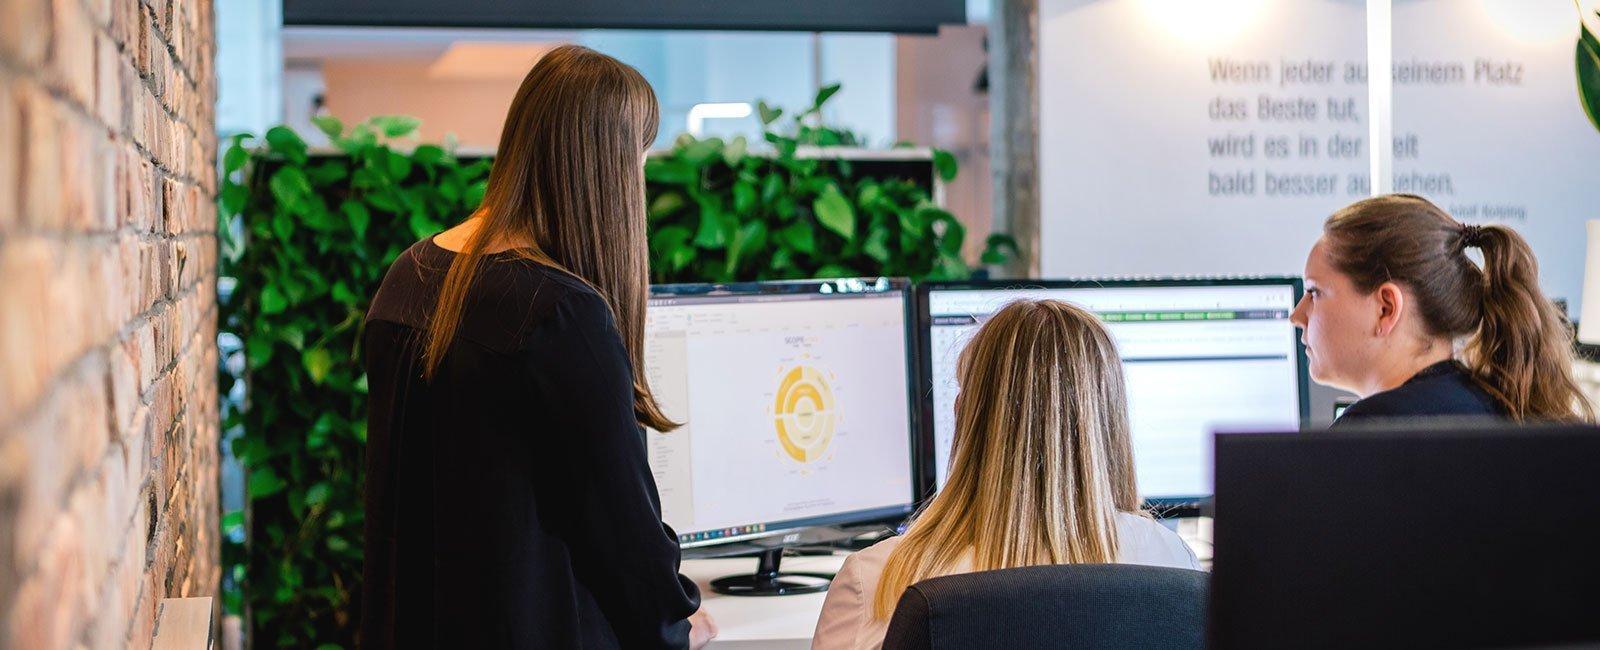 Mitarbeiterinnen gemeinsam vor einem Bildschirm mit Daten